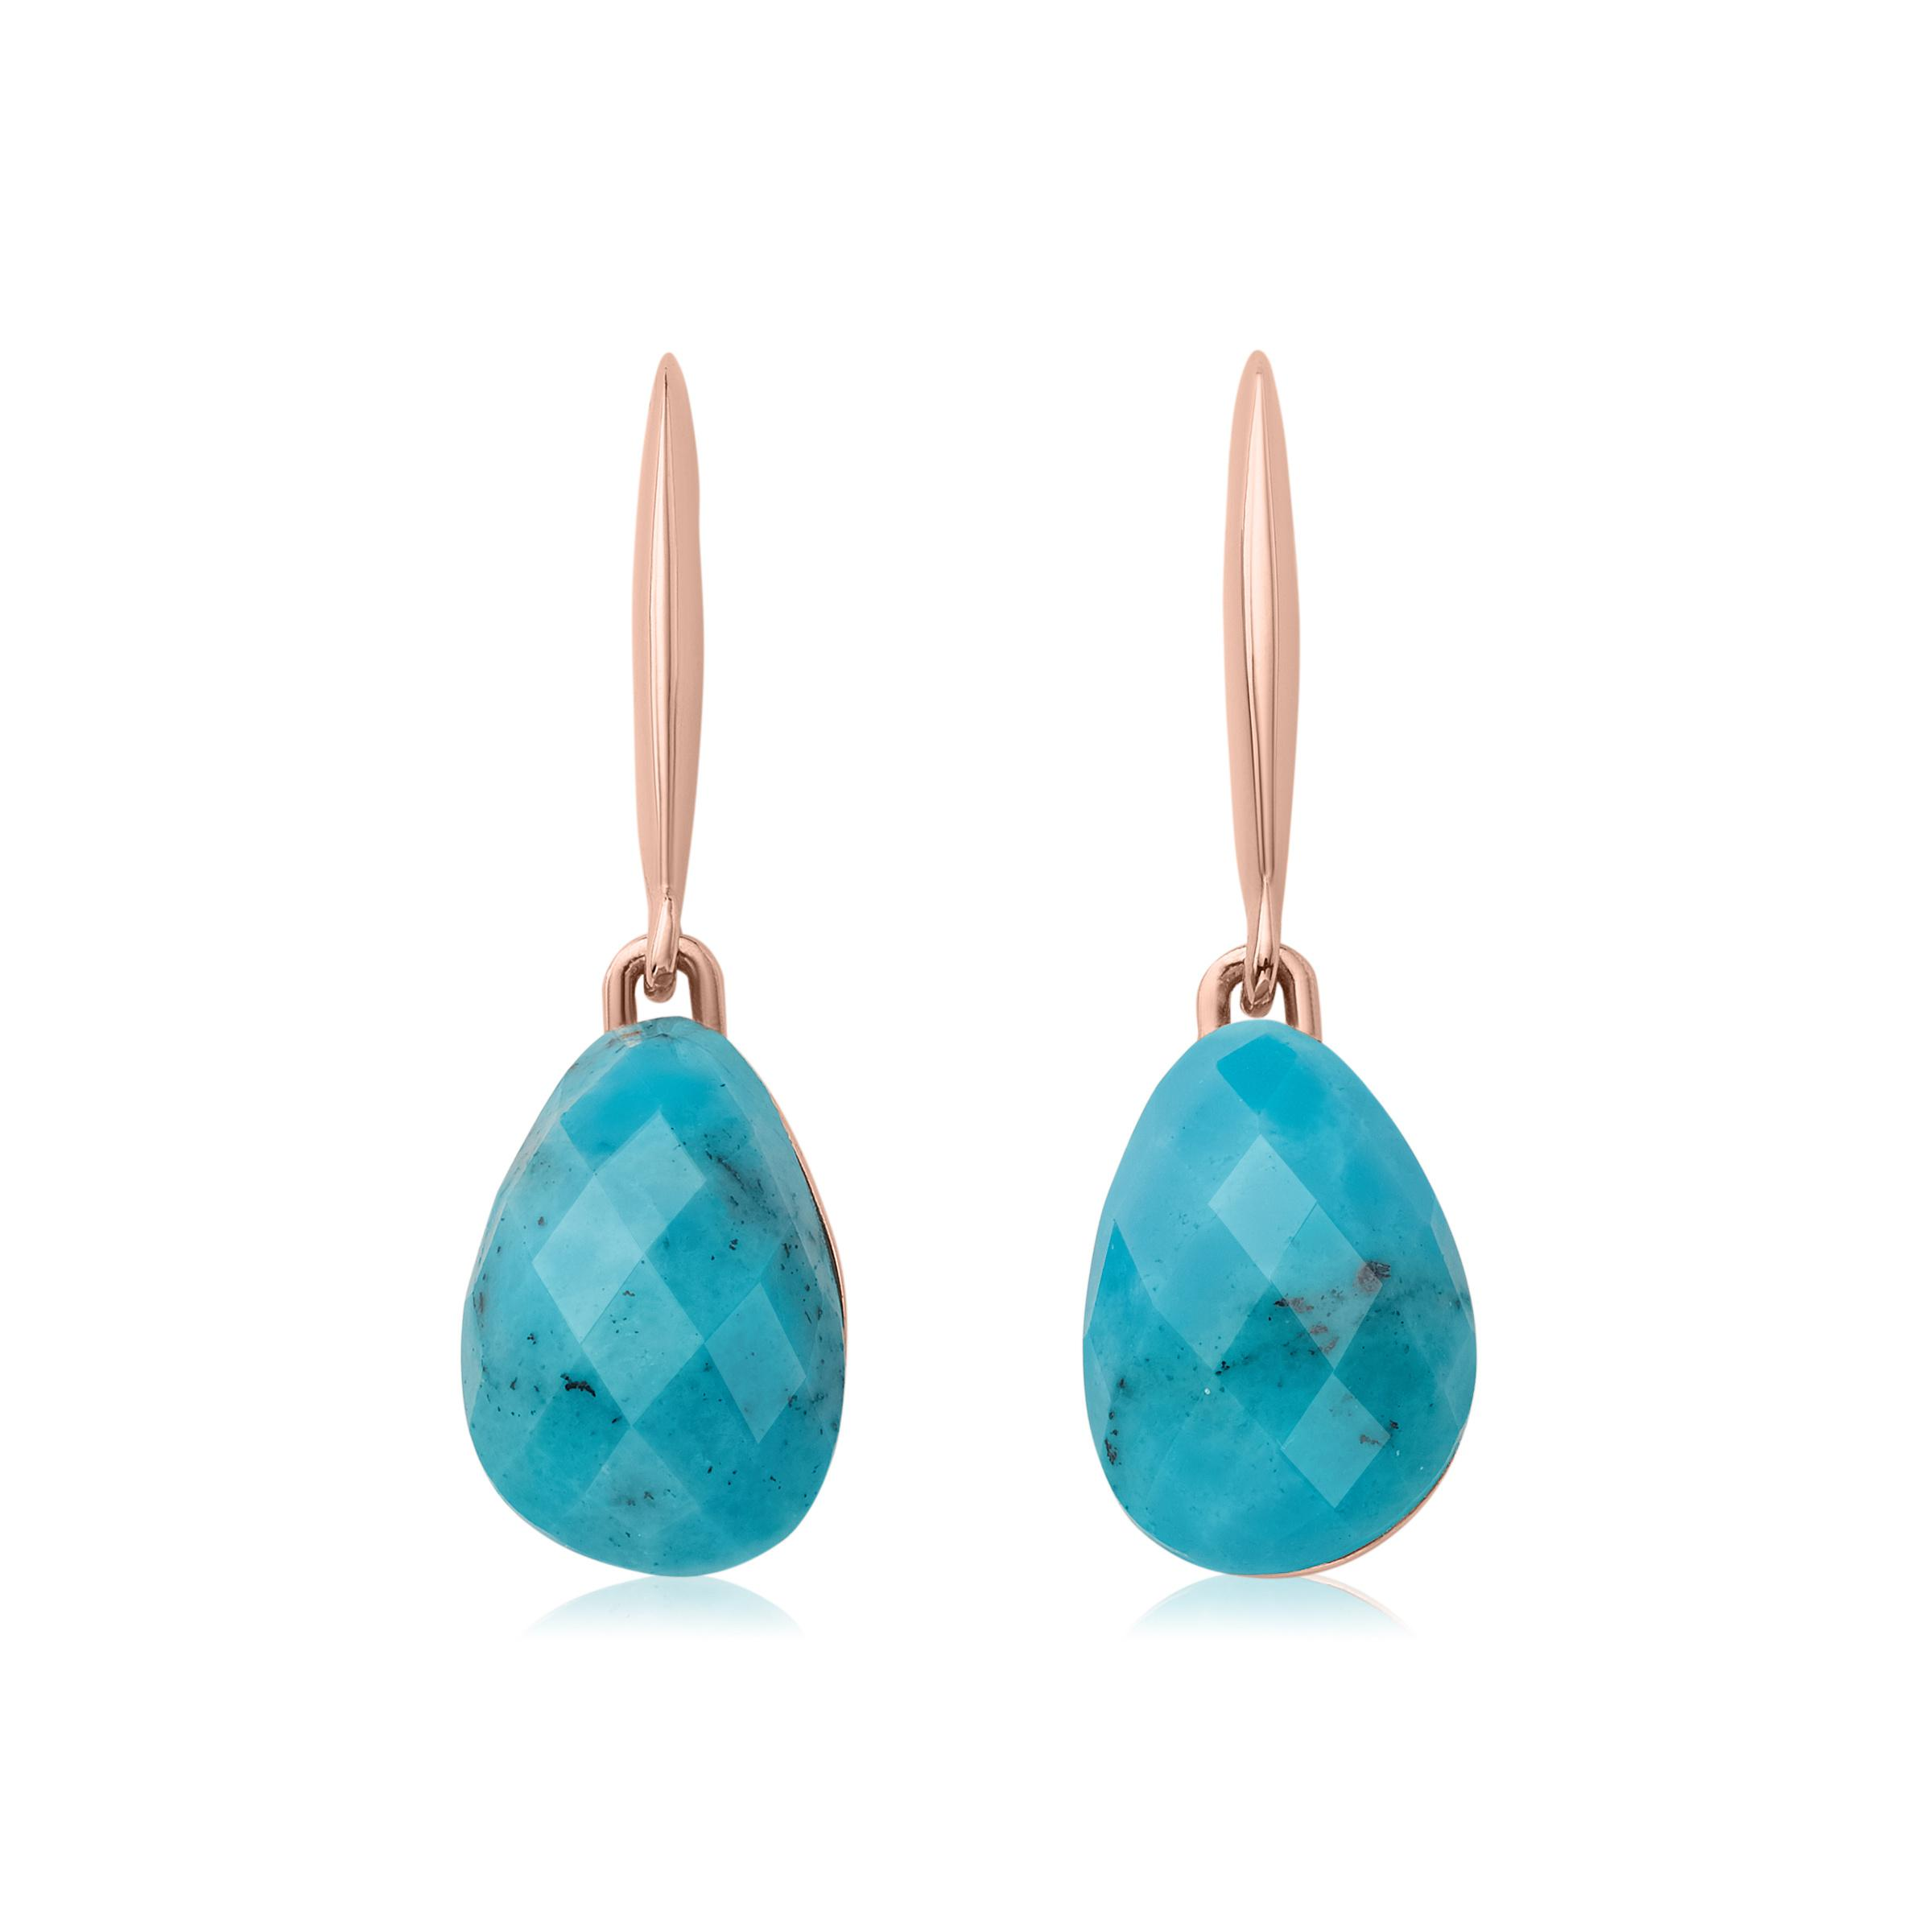 Rose Gold Nura Nugget Stud Earrings Turquoise Monica Vinader kUE8h